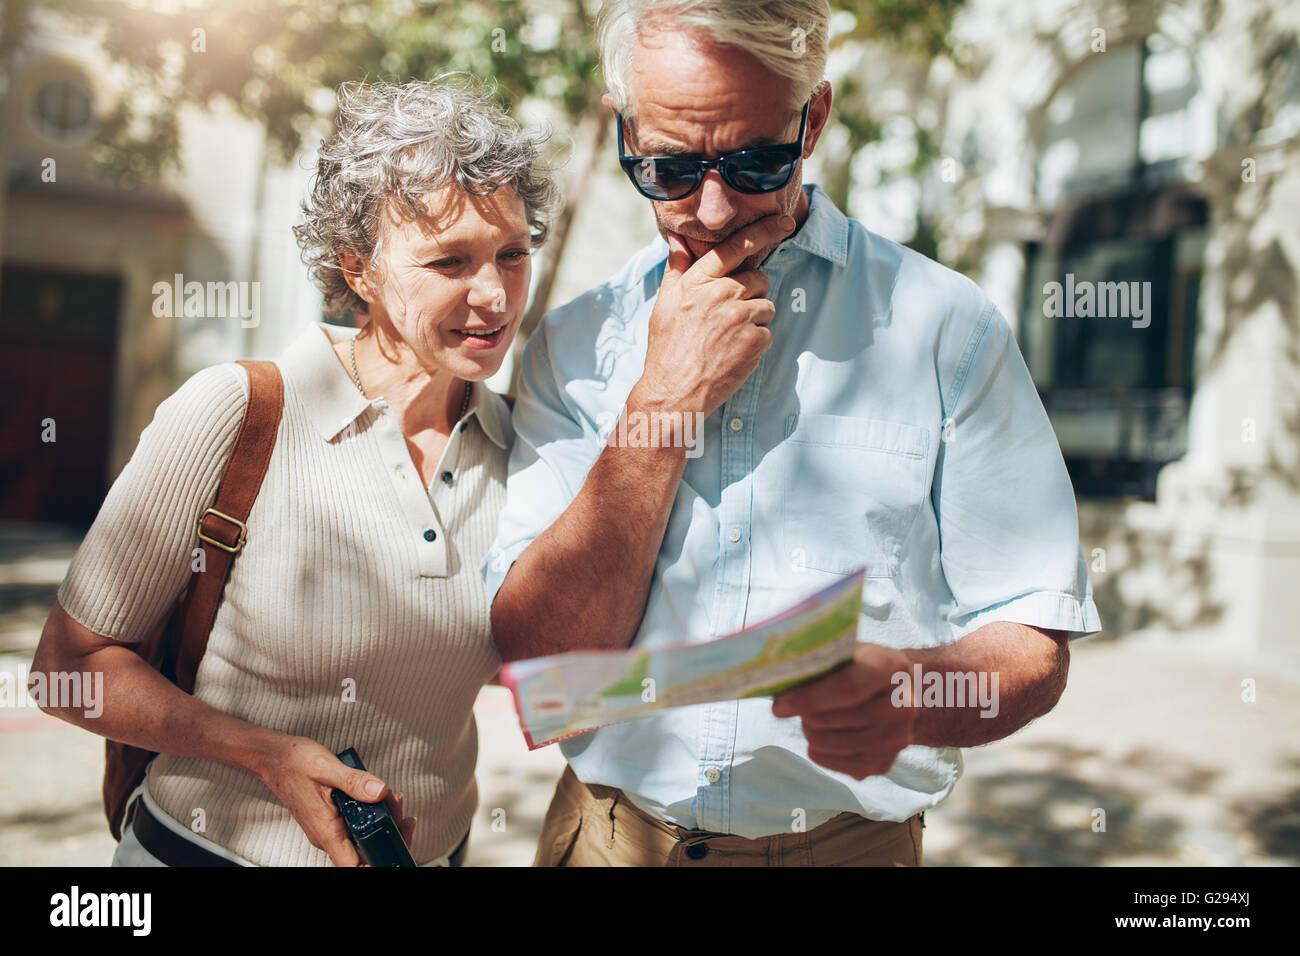 Coppia senior guardando una mappa durante la gita. Paio di matura tourist utilizzando una mappa della città Immagini Stock